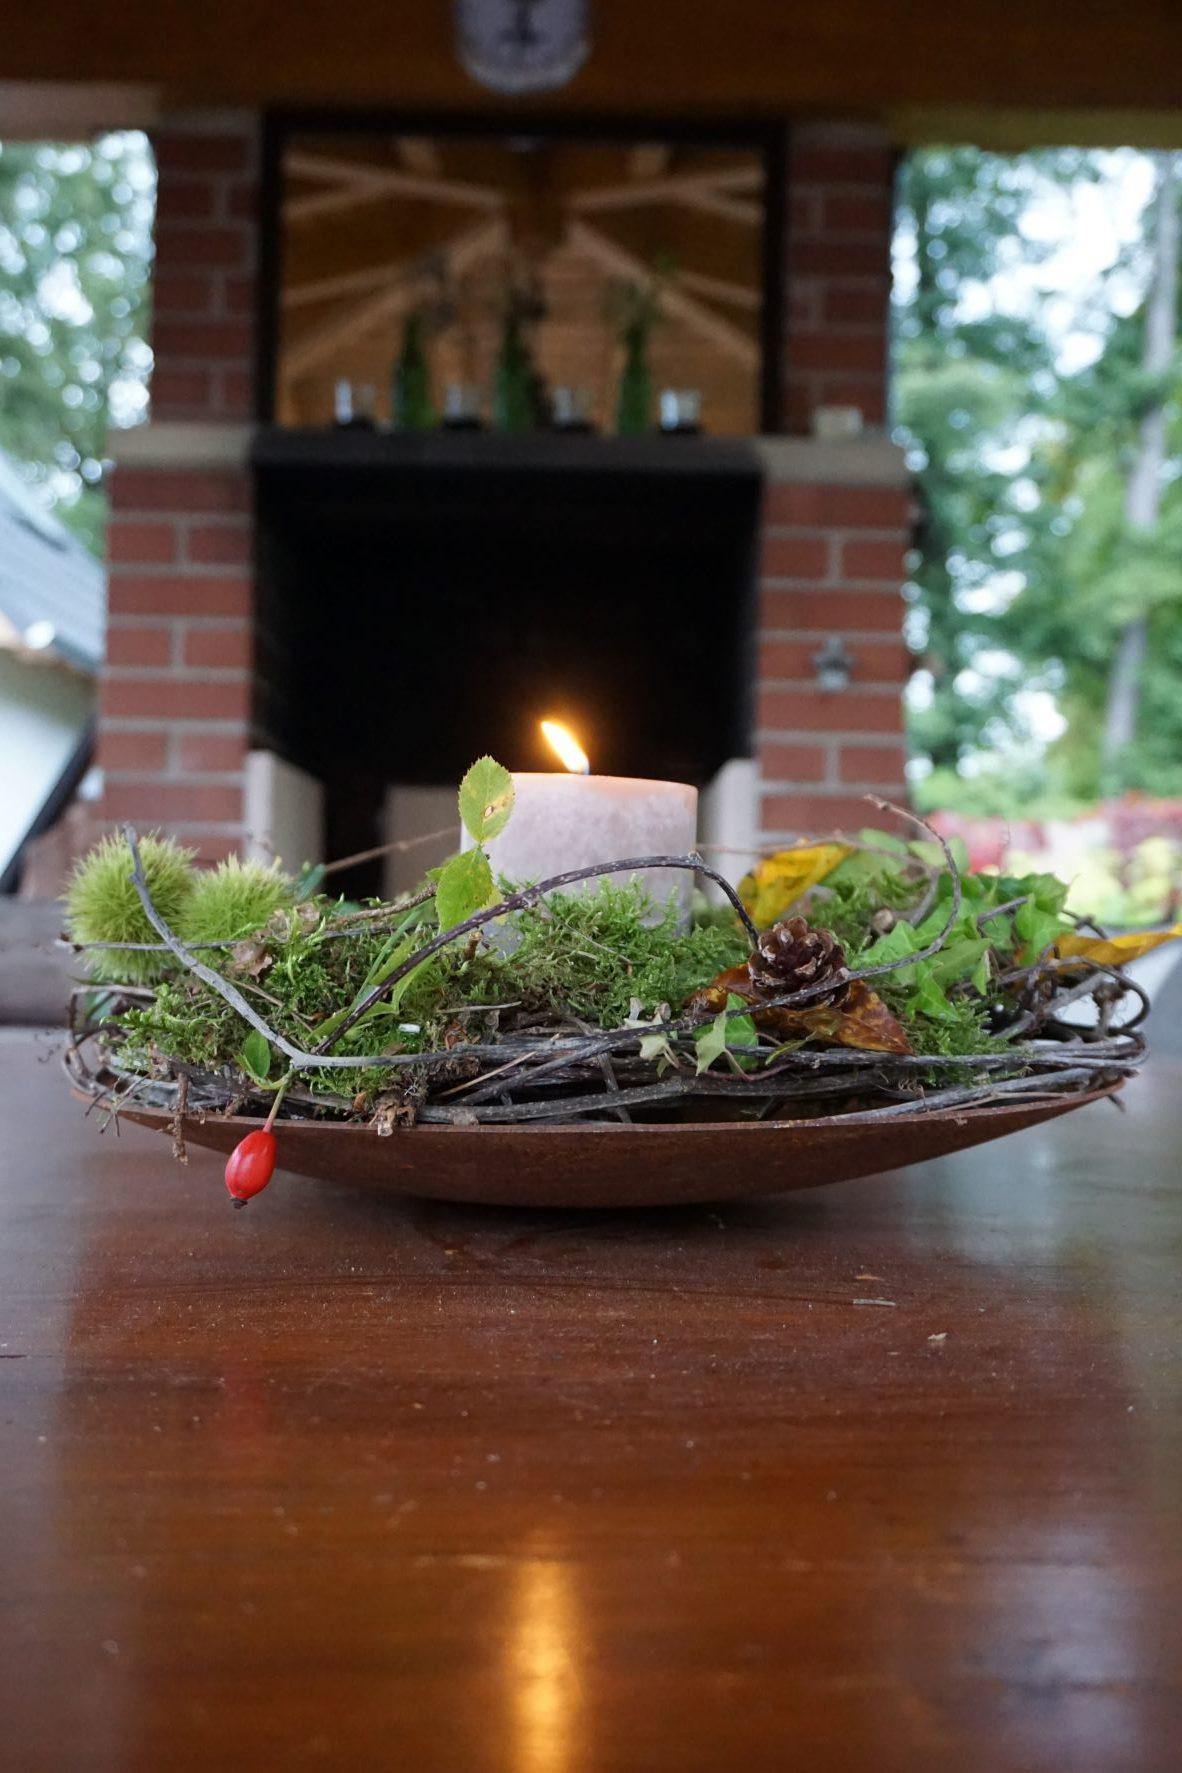 Schale zum dekorieren und verzieren mit Blumenschmuck